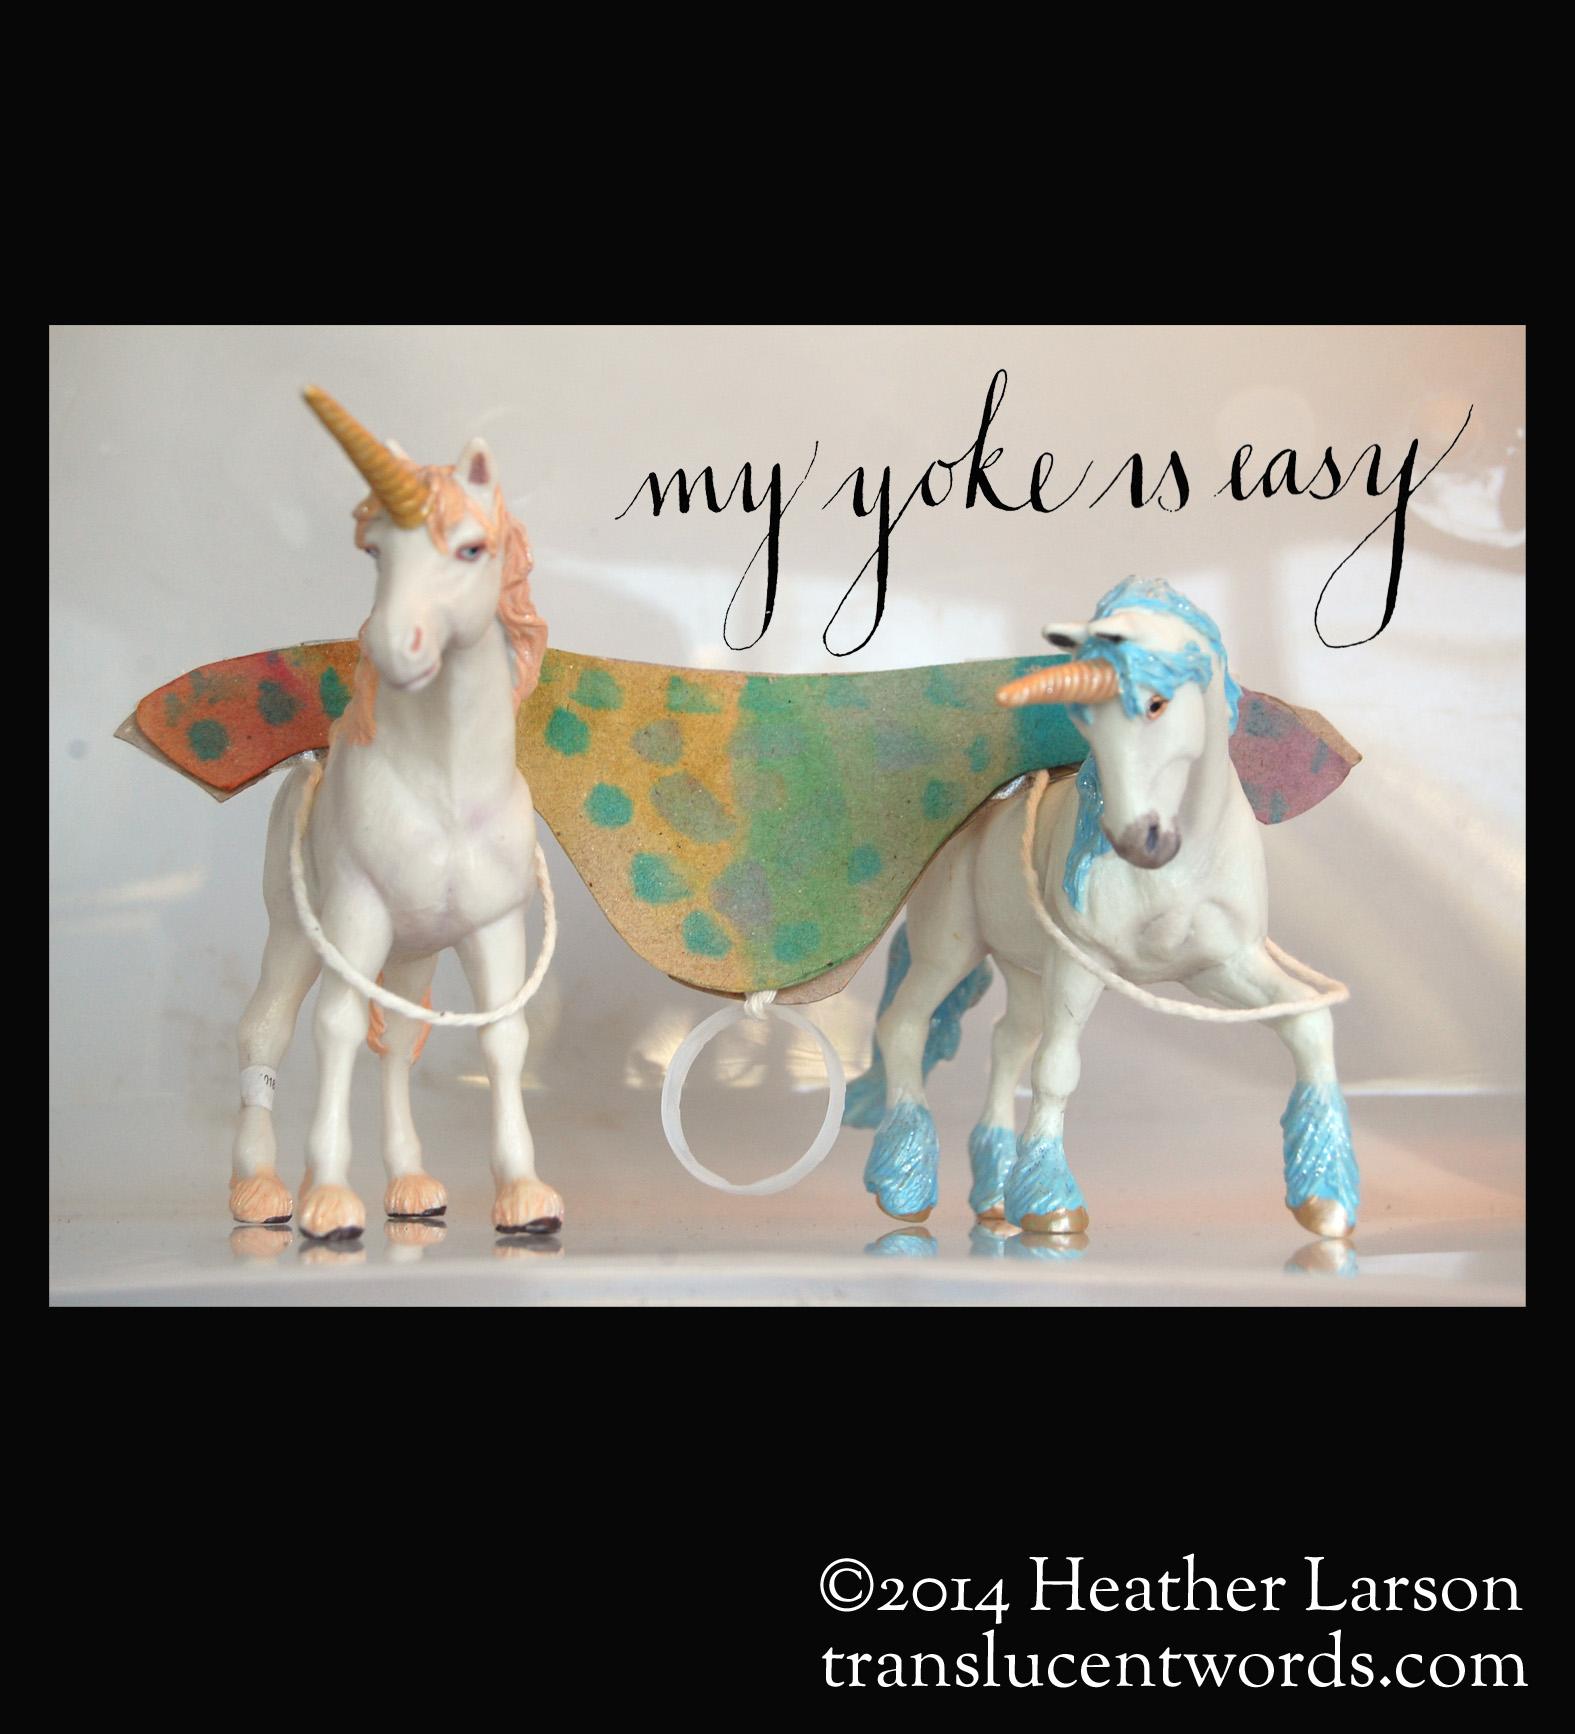 UnicornYoke